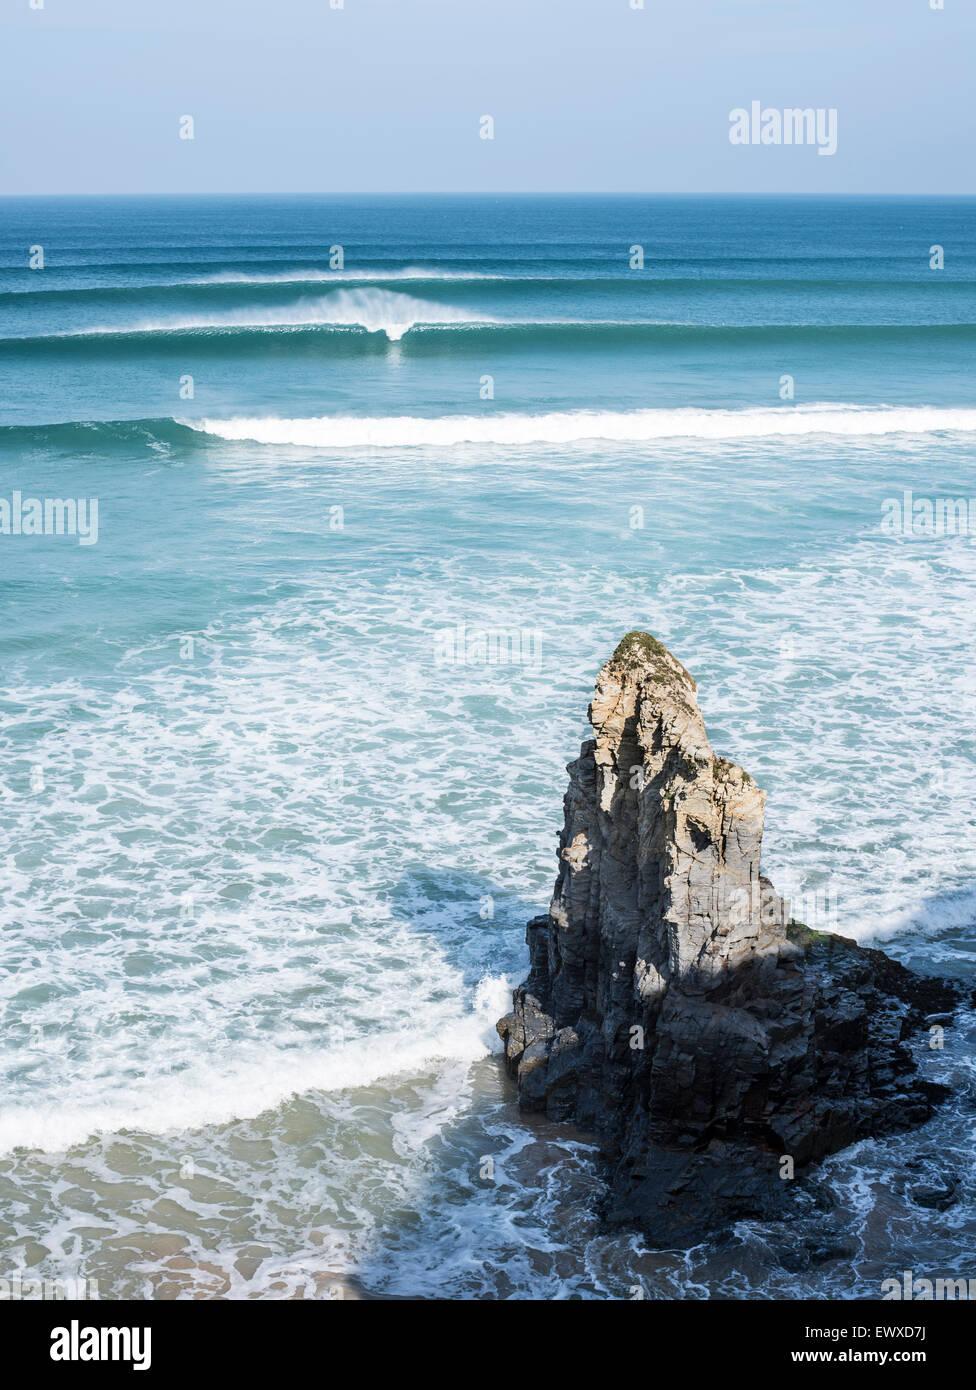 Limpiar vacía surf olas rompiendo en gwithian en Cornwall, con cielo despejado y costa rocosa. Imagen De Stock